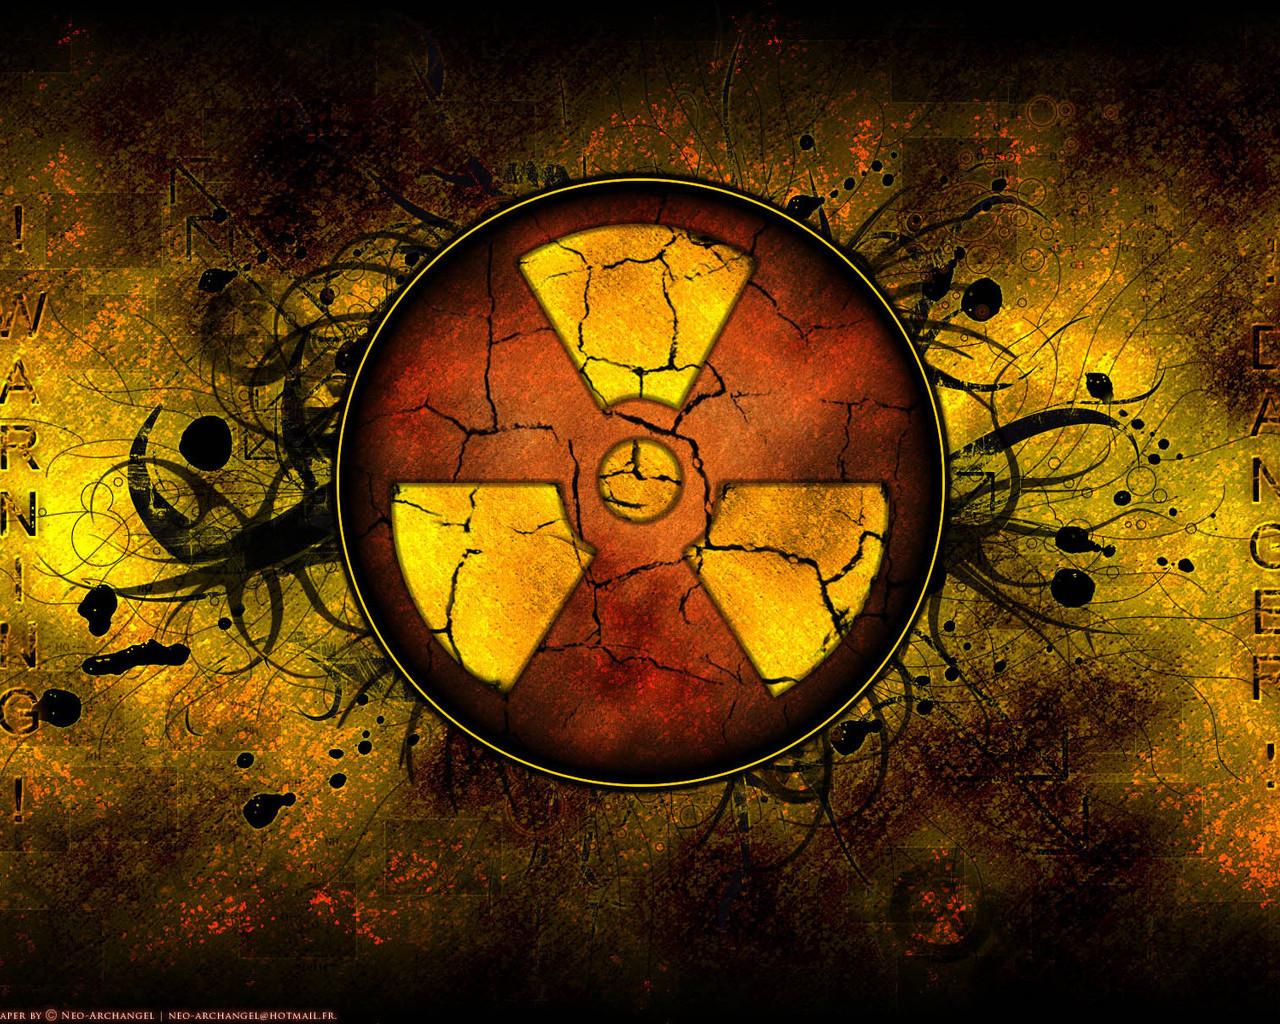 обои, скачать, wallpaper, radiation, радиация, для рабочего стола